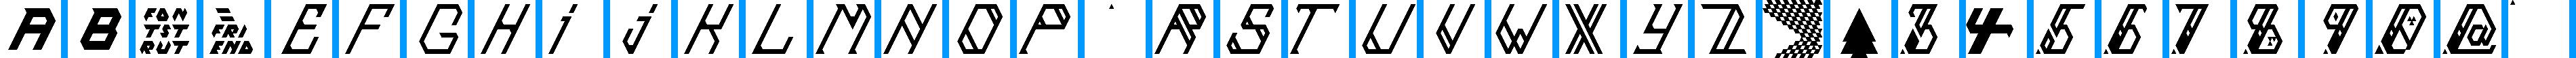 Particip-a-type v.337